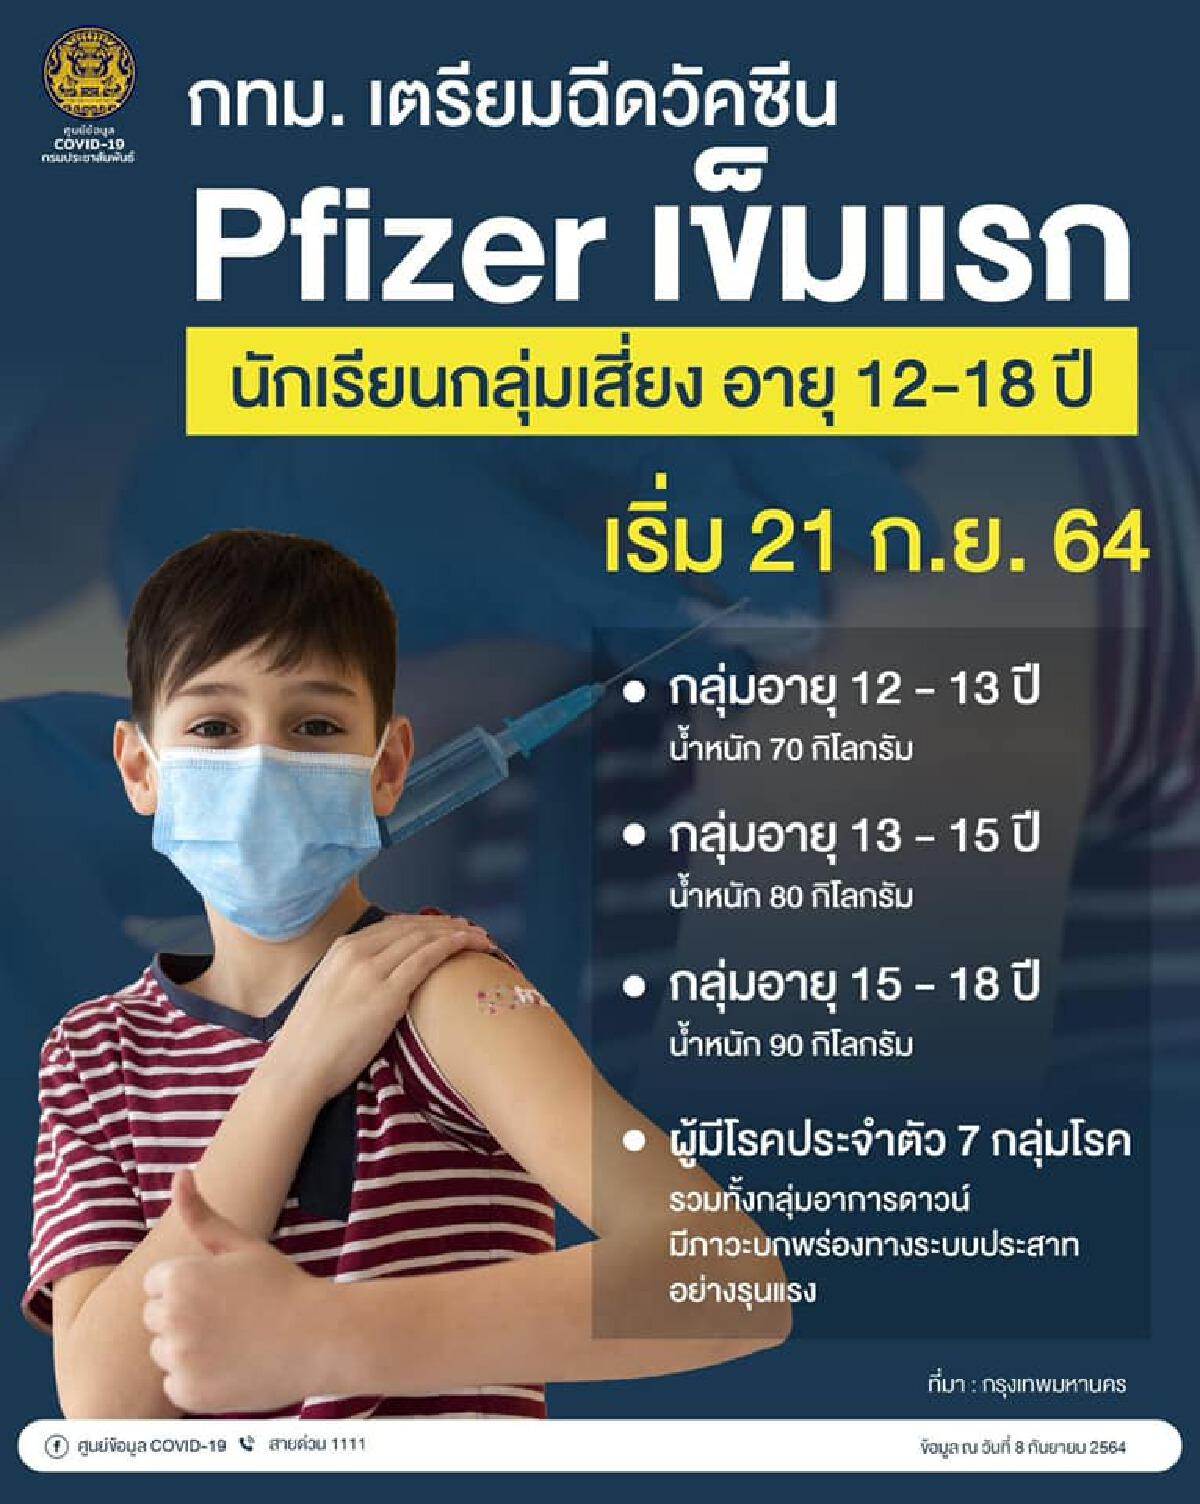 กรุงเทพมหานครเตรียมฉีดวัคซีนไฟเซอร์ให้นักเรียนกลุ่มเสี่ยง